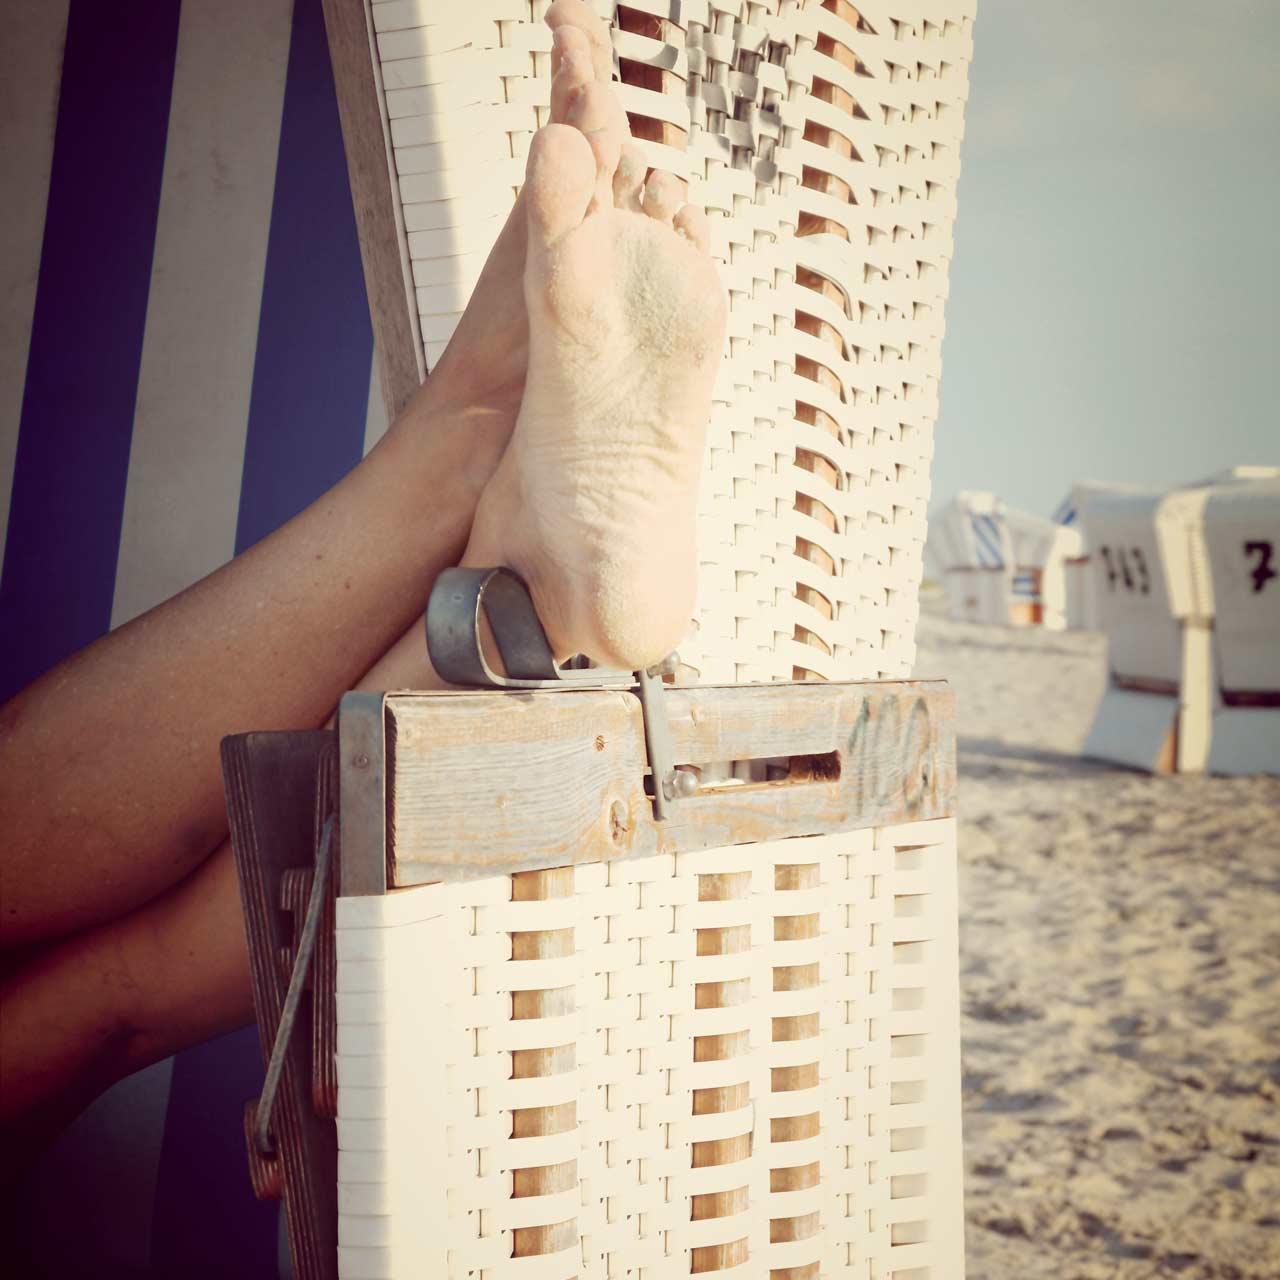 Urlaub in Deutschland: Wellness im Strandkorb